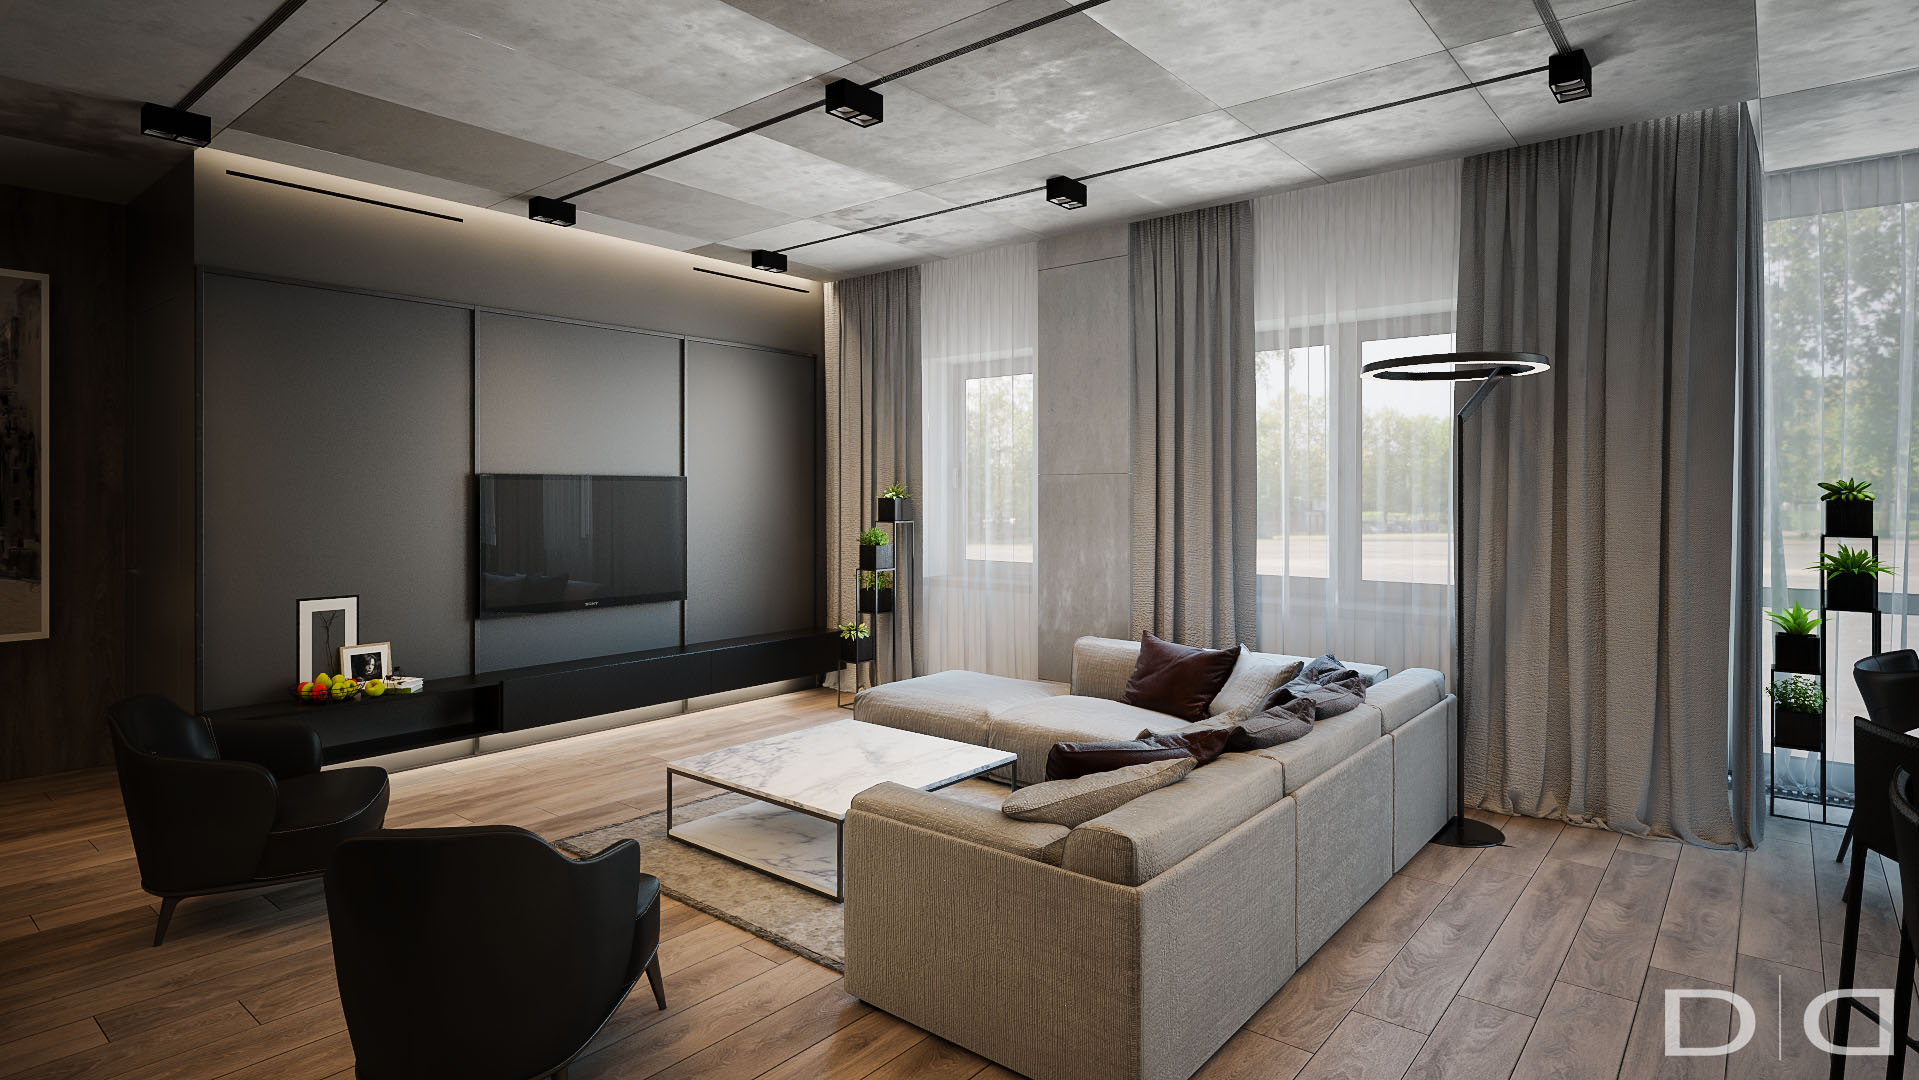 dd-interior_loft_studio_design_kvartir_minsk-0255-2